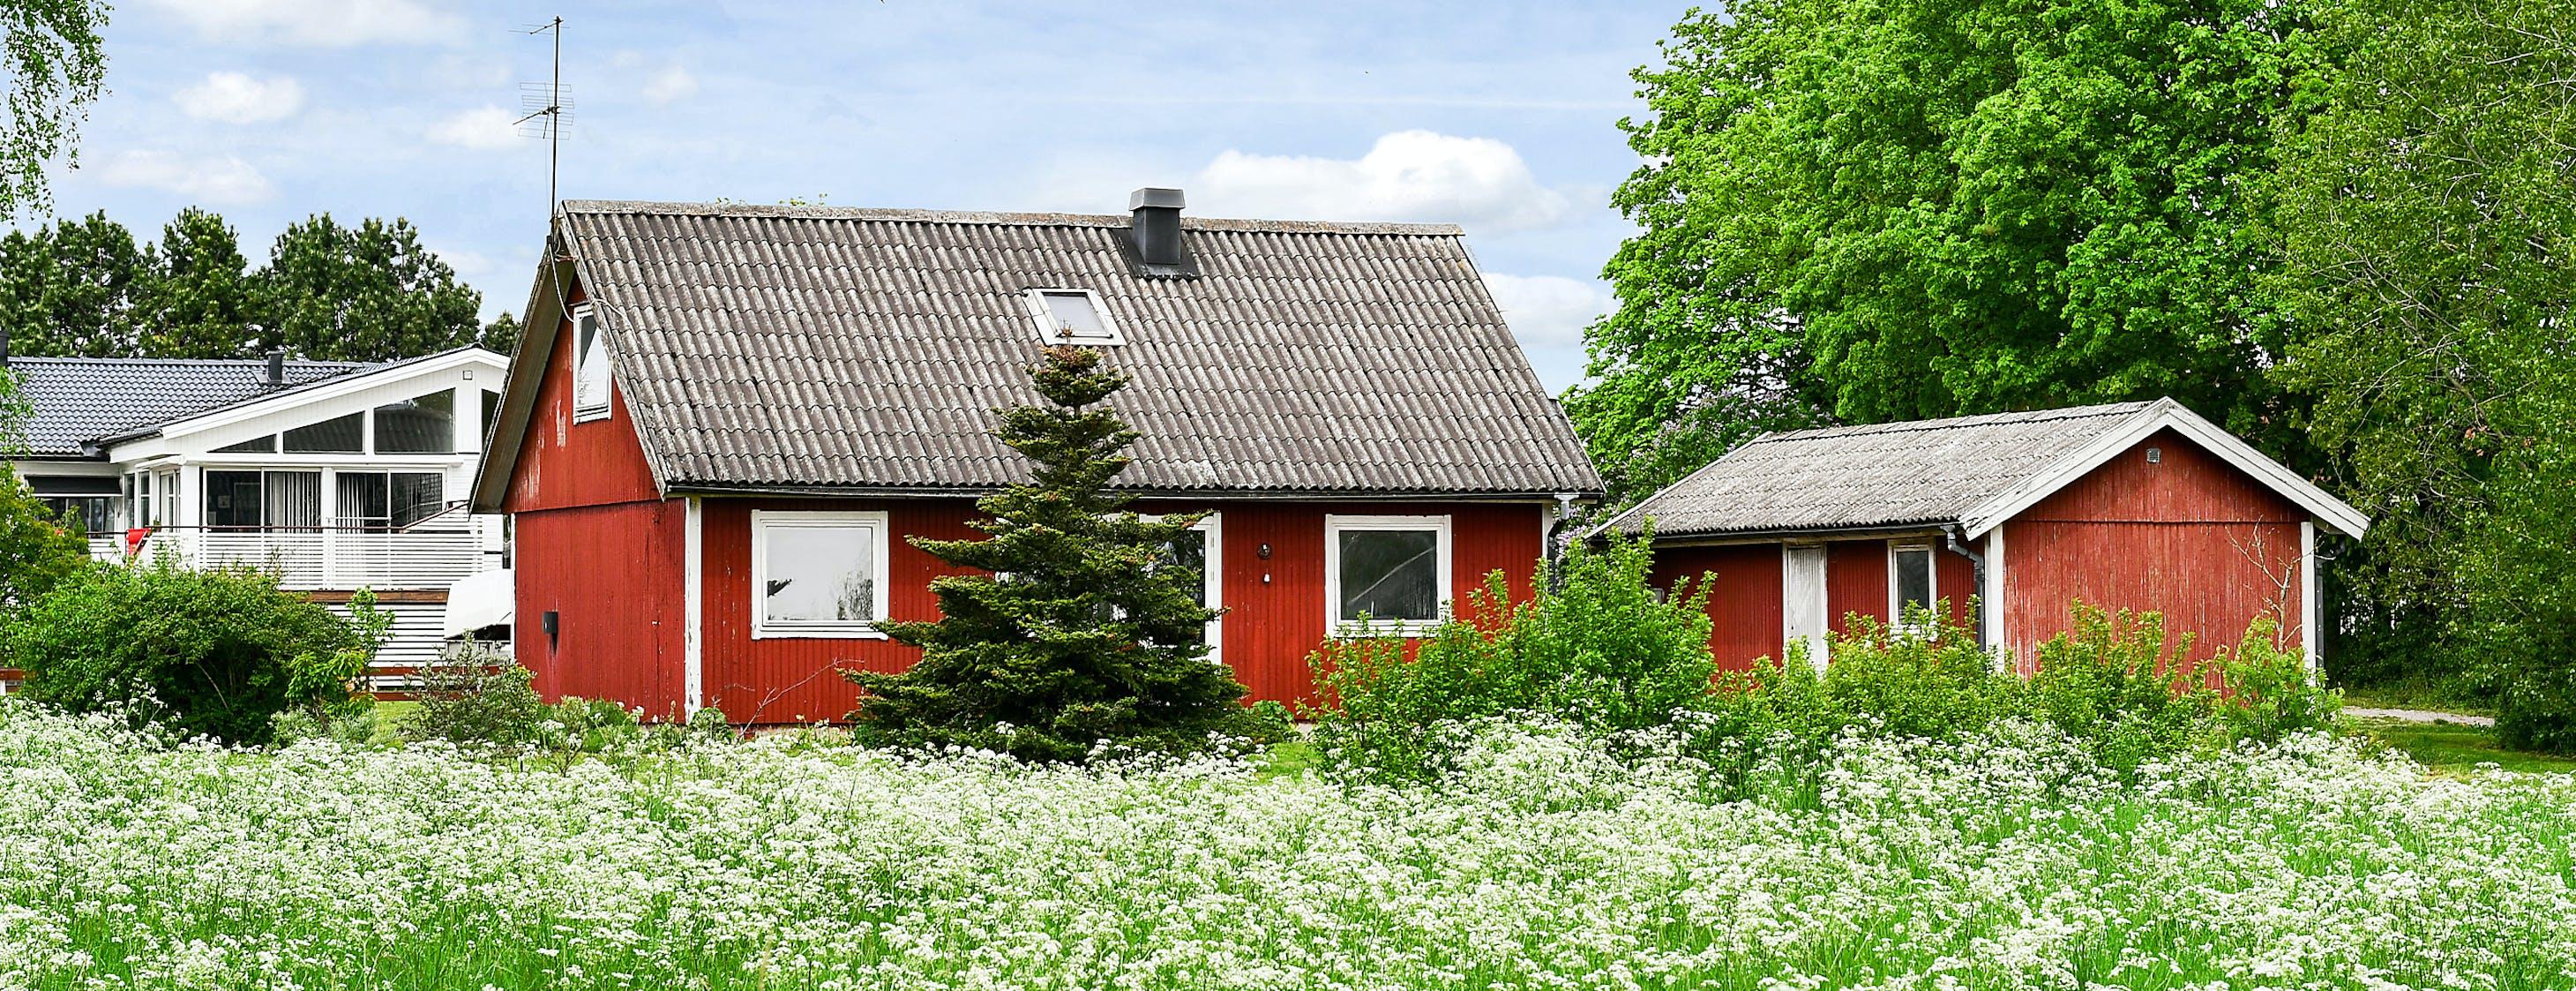 Gårdby 127 Gårdby